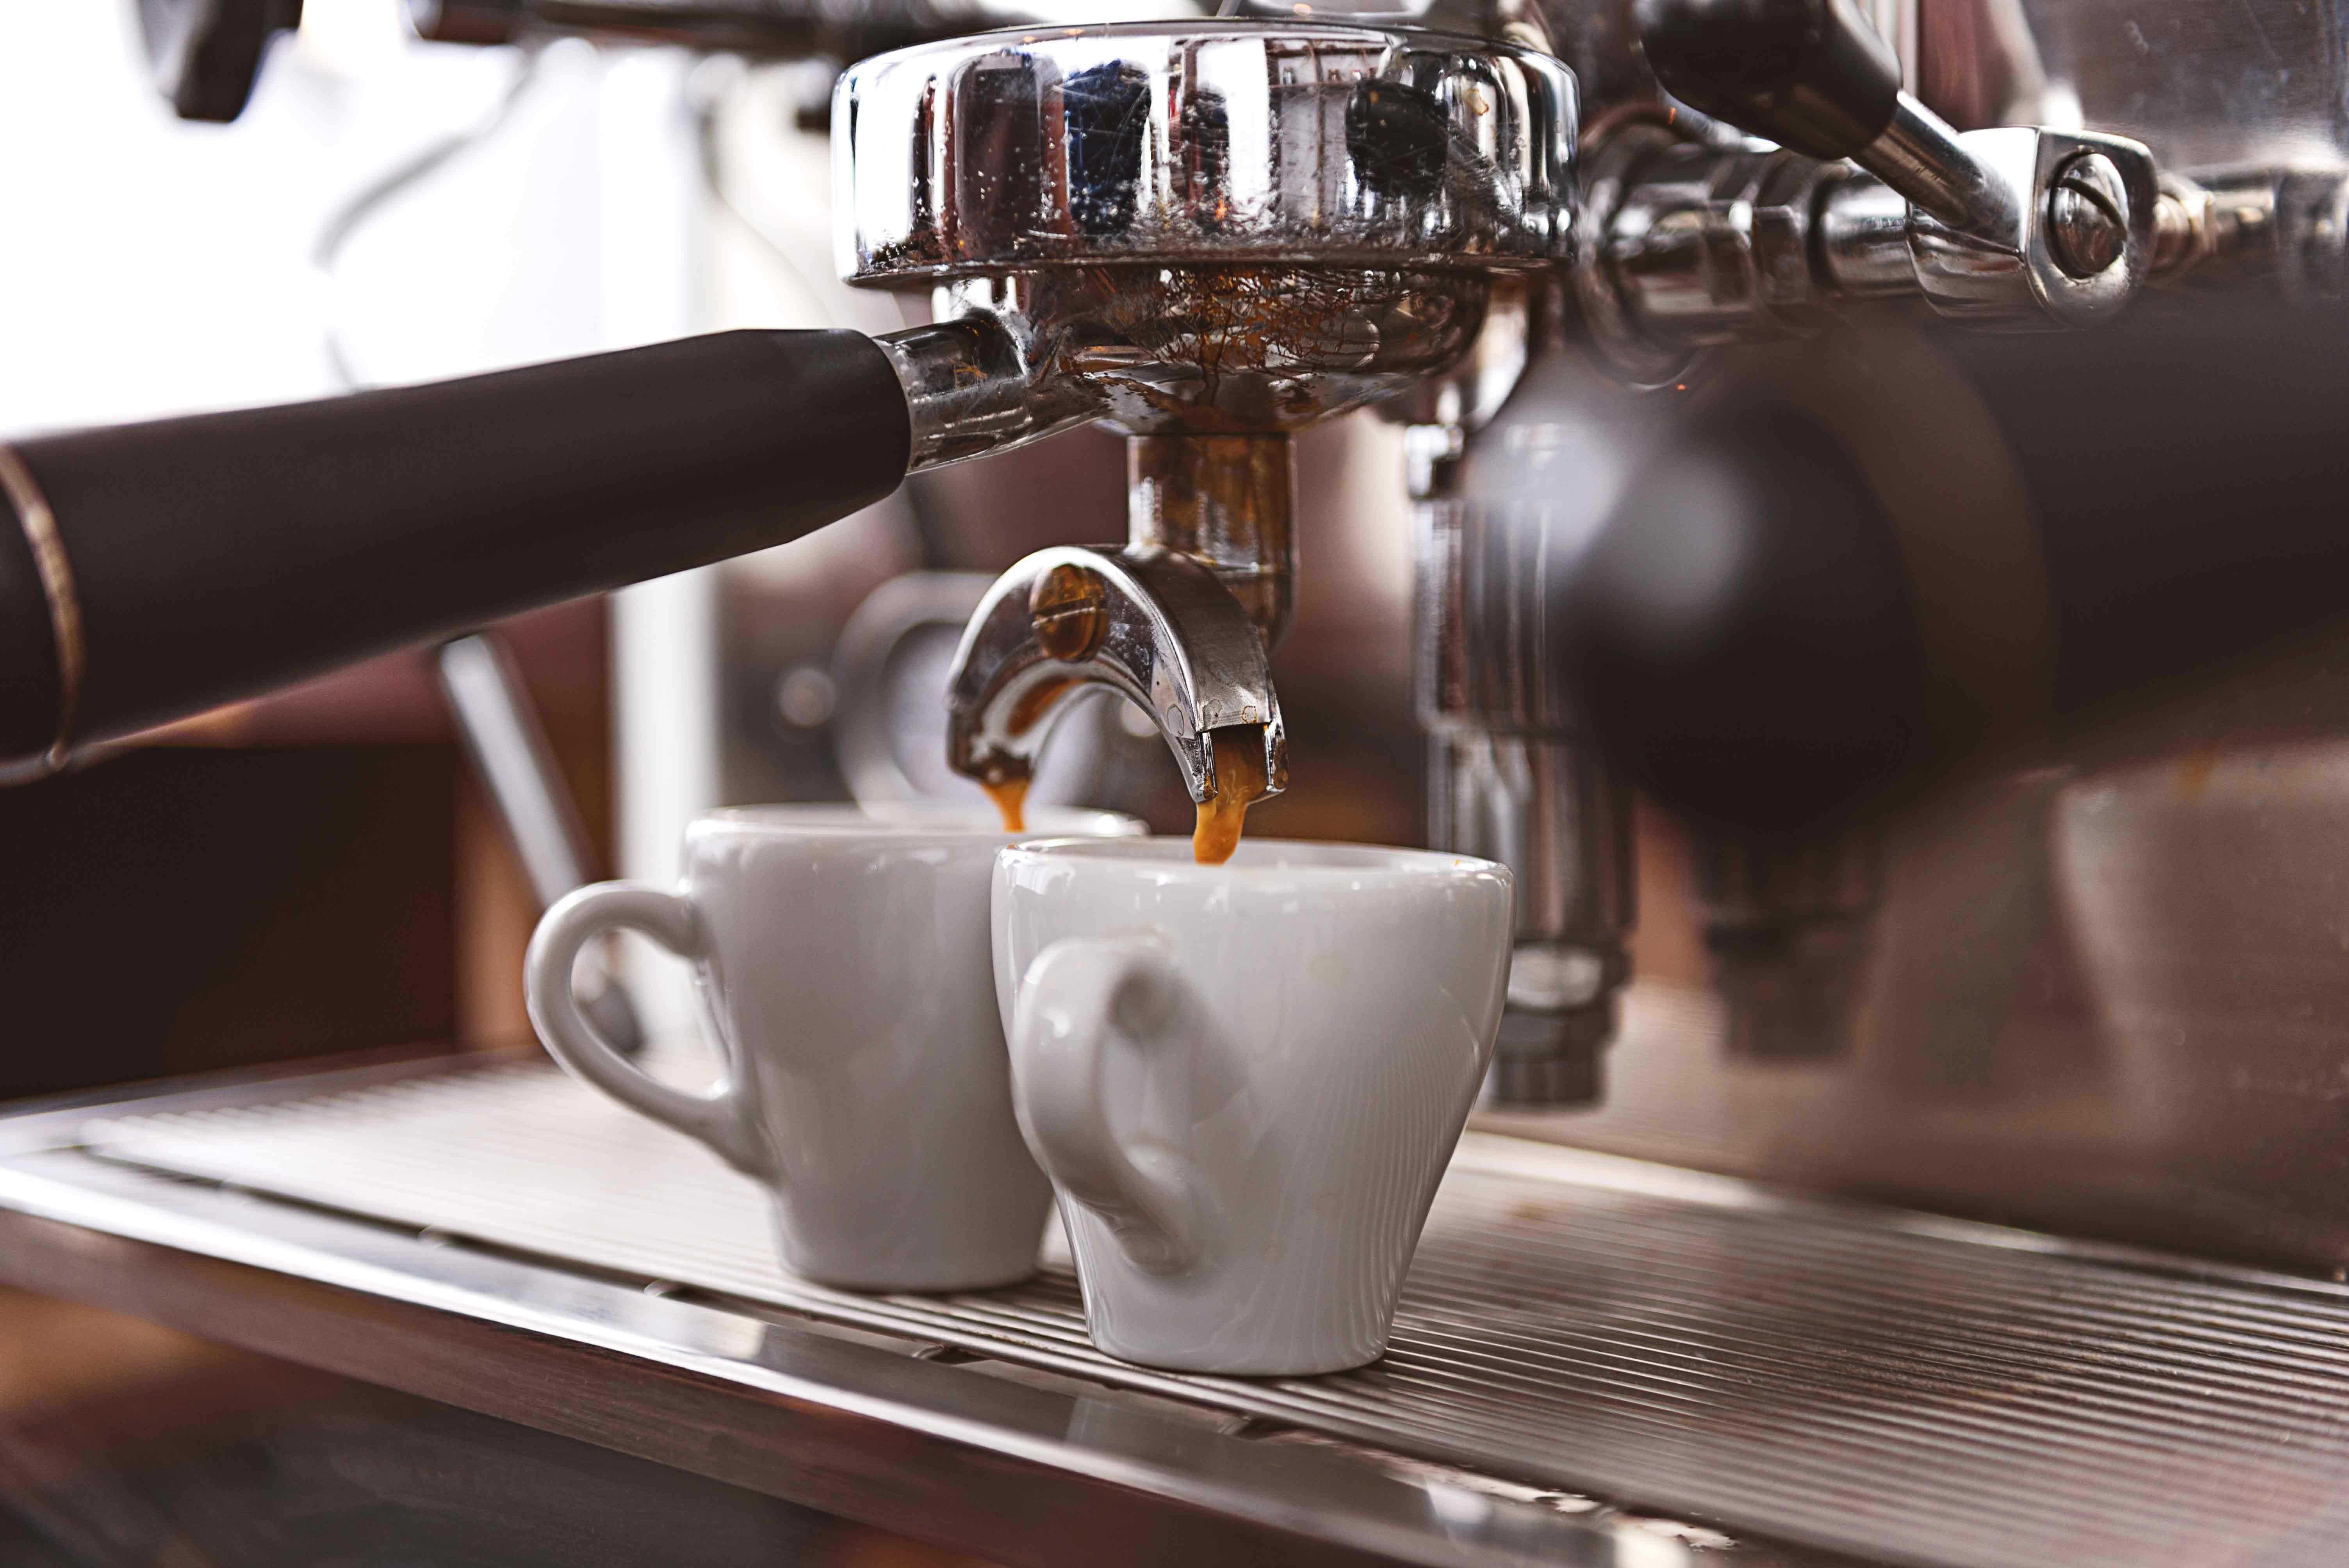 Espresso preparato in un bar